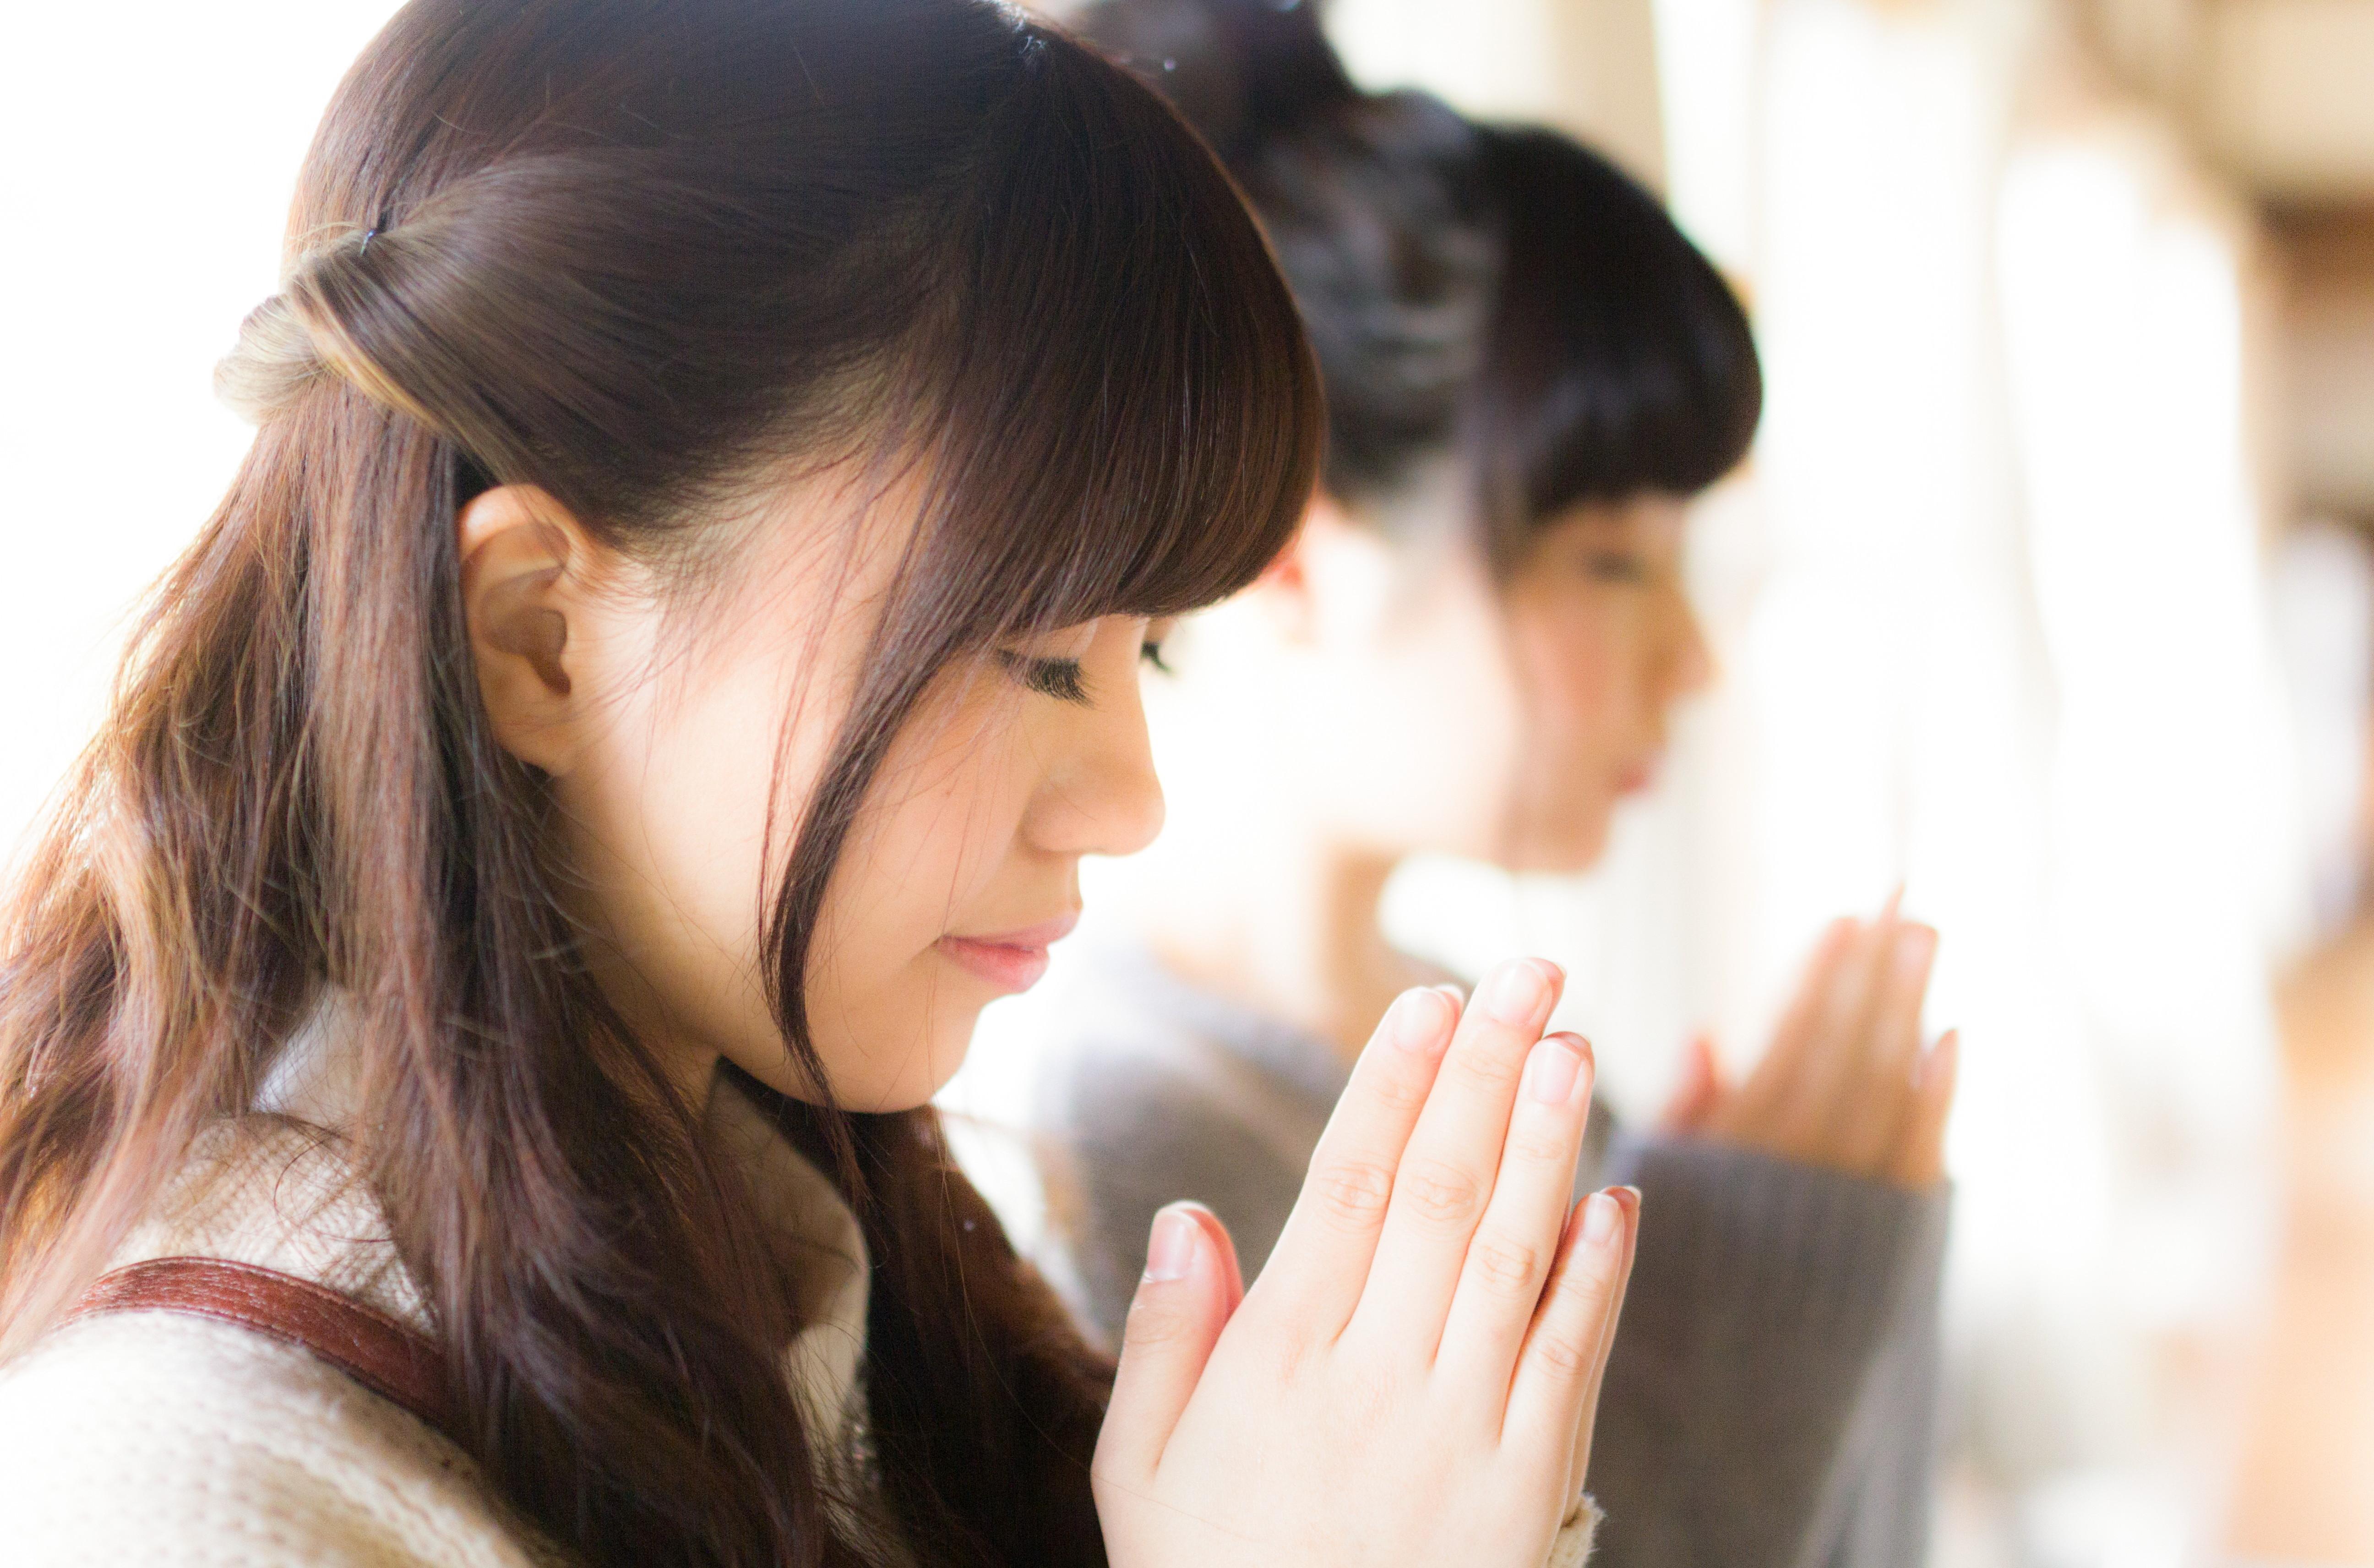 合格祈願をする女性